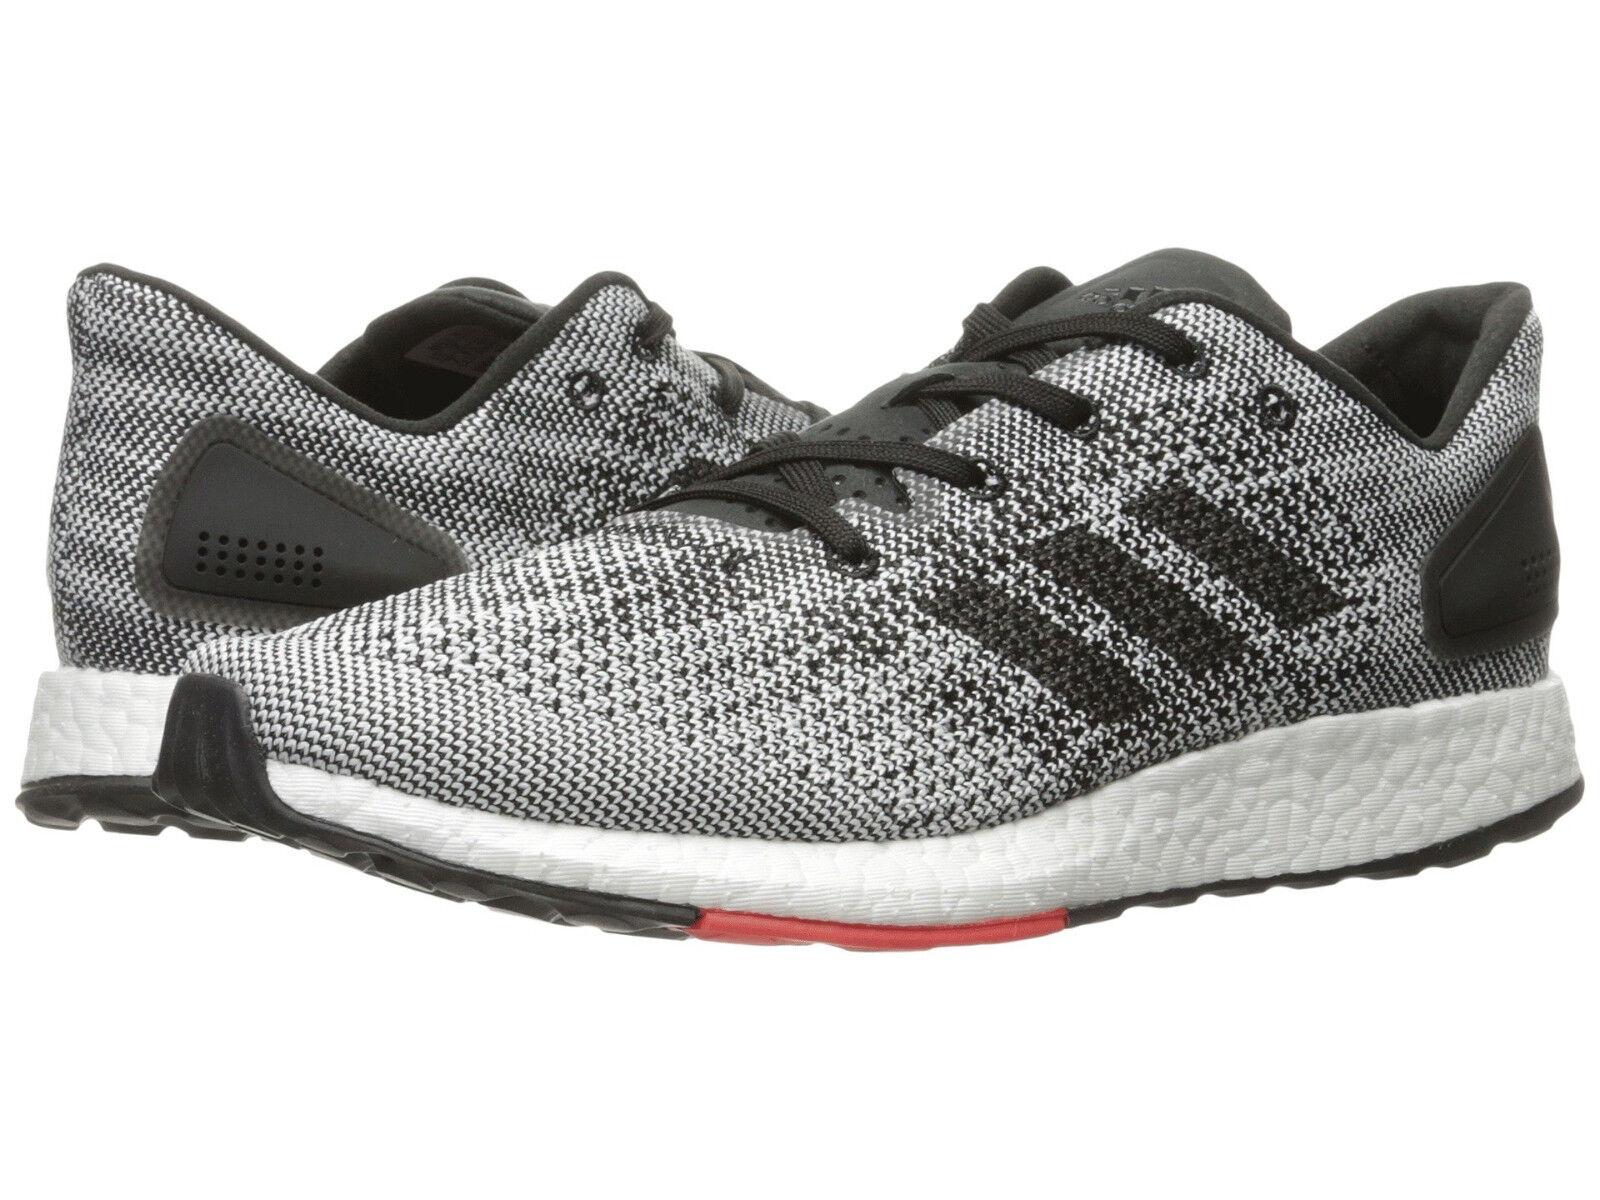 Adidas PureBoost DPR, Men's Size 12 D, CoreBlack/White, S80993, NEW